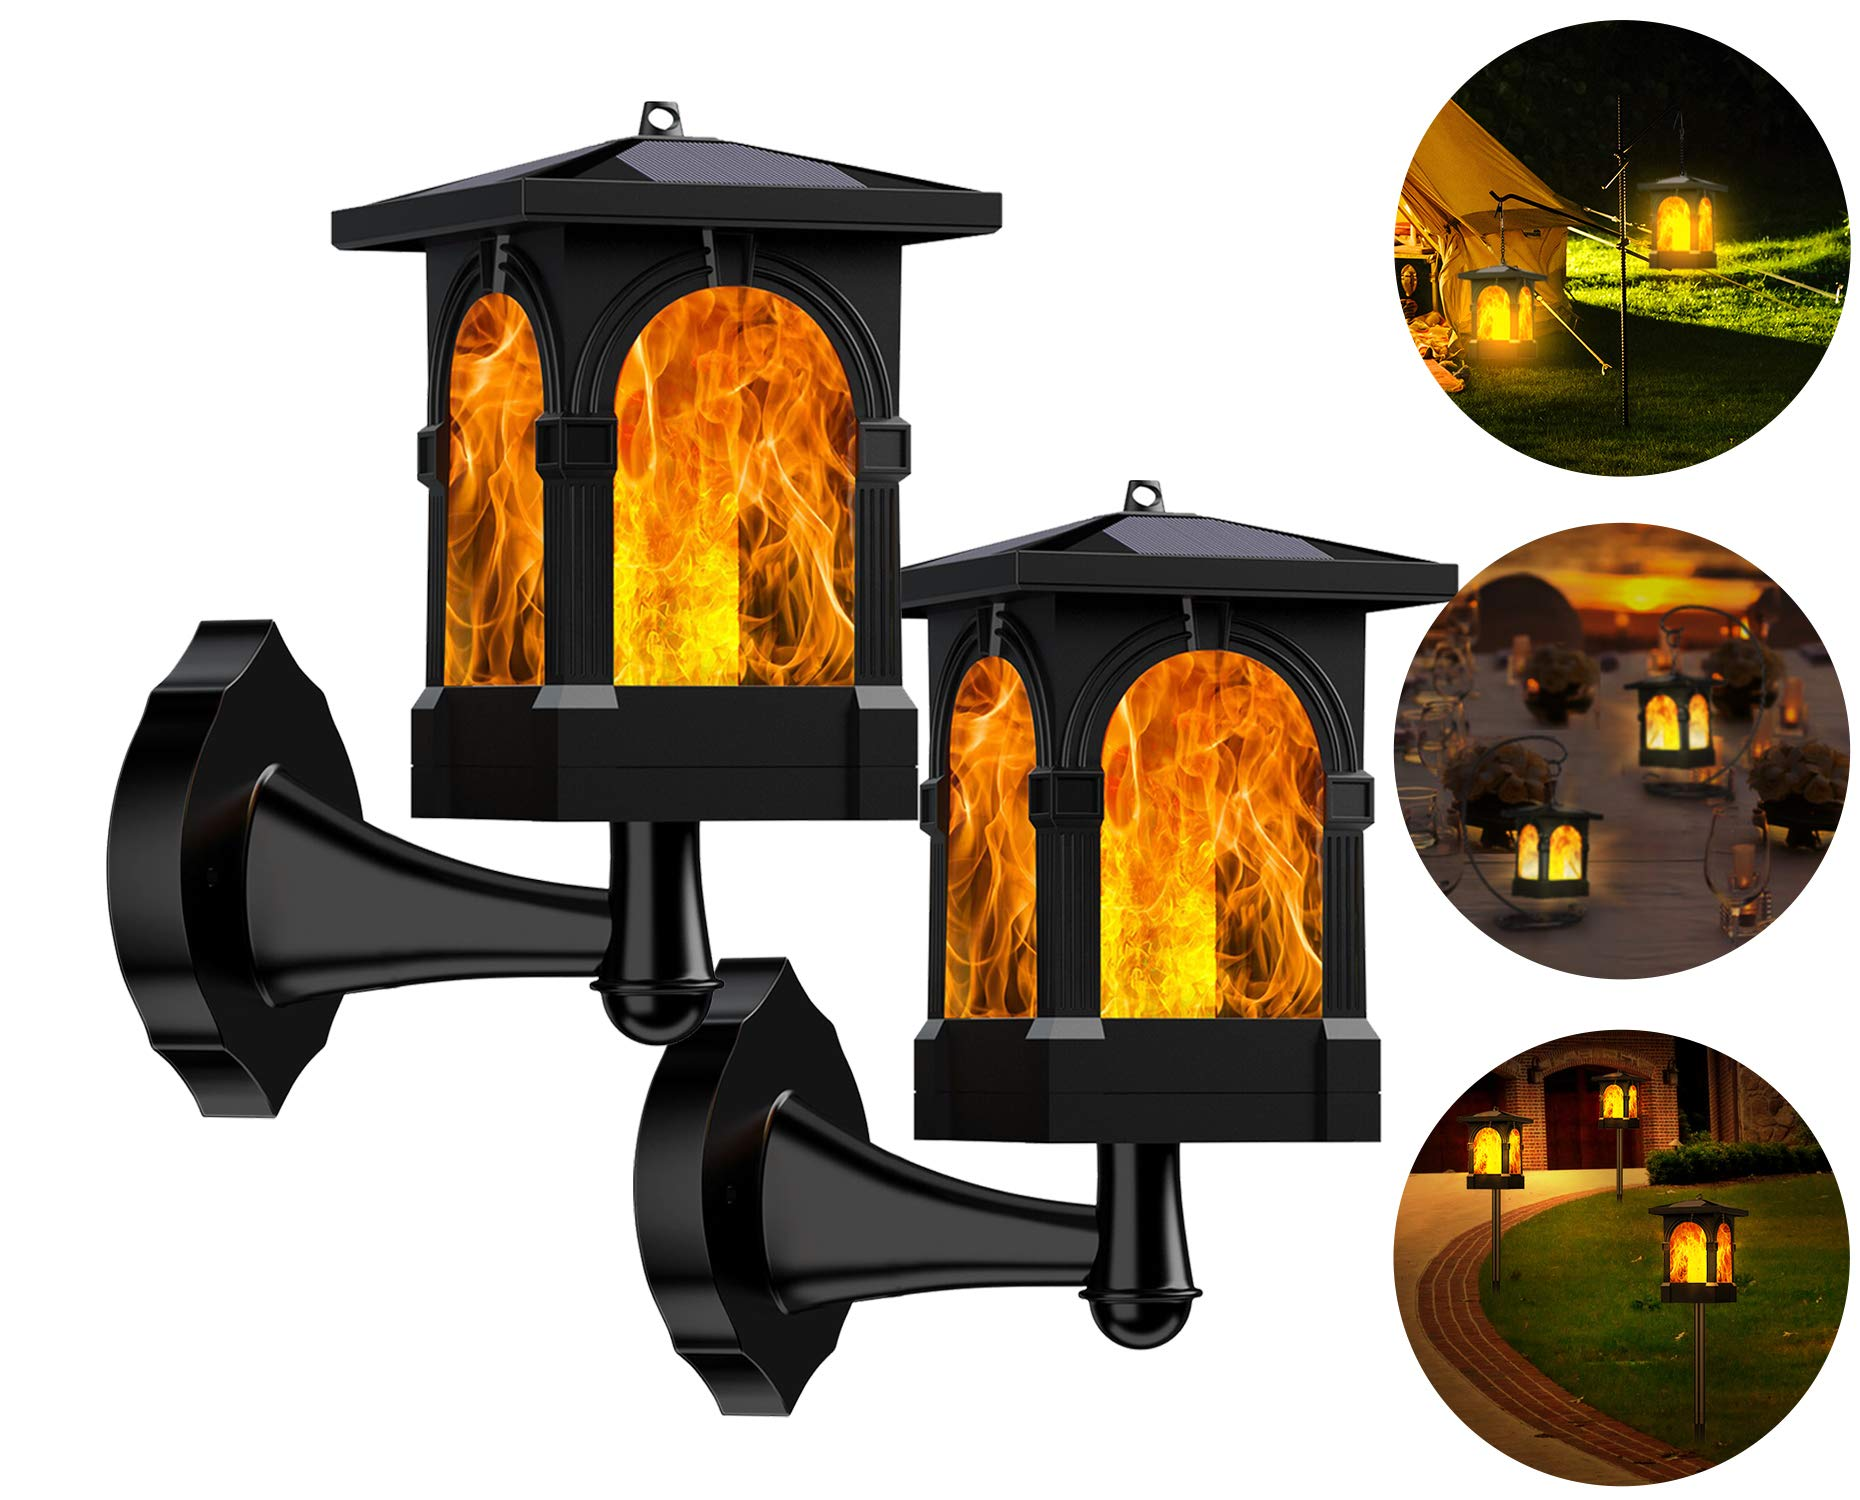 Marlrin Solarlampe Gartenfackeln LED Fackel Solarleuchte Solar Gartenleuchte Hängende Solarleuchten IP65 Wasserdicht 3Mode Mit Realistischen Flammen Auto EIN/Aus USB Wiederaufladbar (2 Stück)